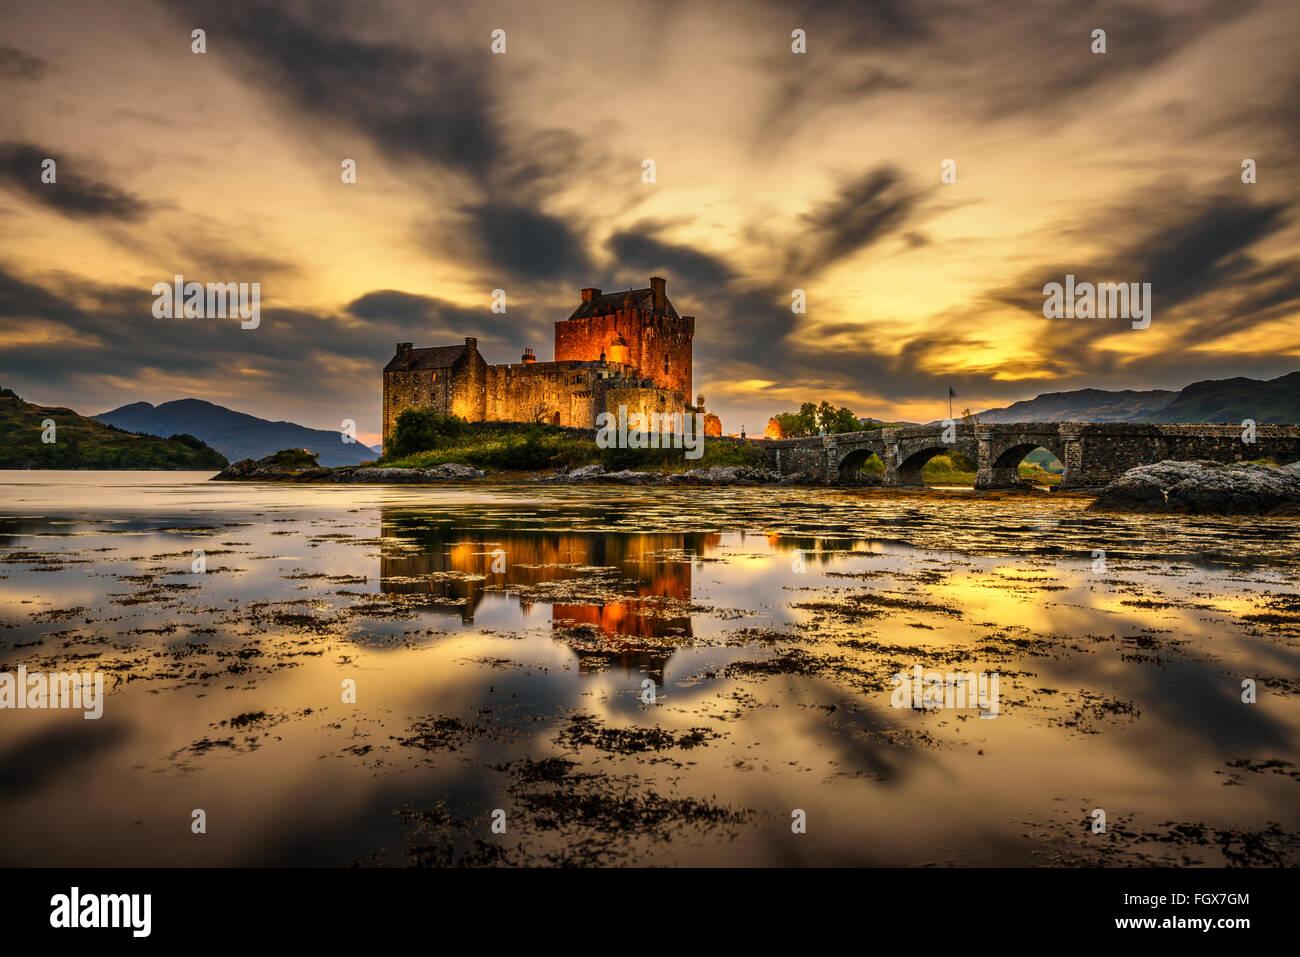 Coucher de soleil sur le château d'Eilean Donan, Ecosse, Royaume-Uni. Longue exposition. Photo Stock